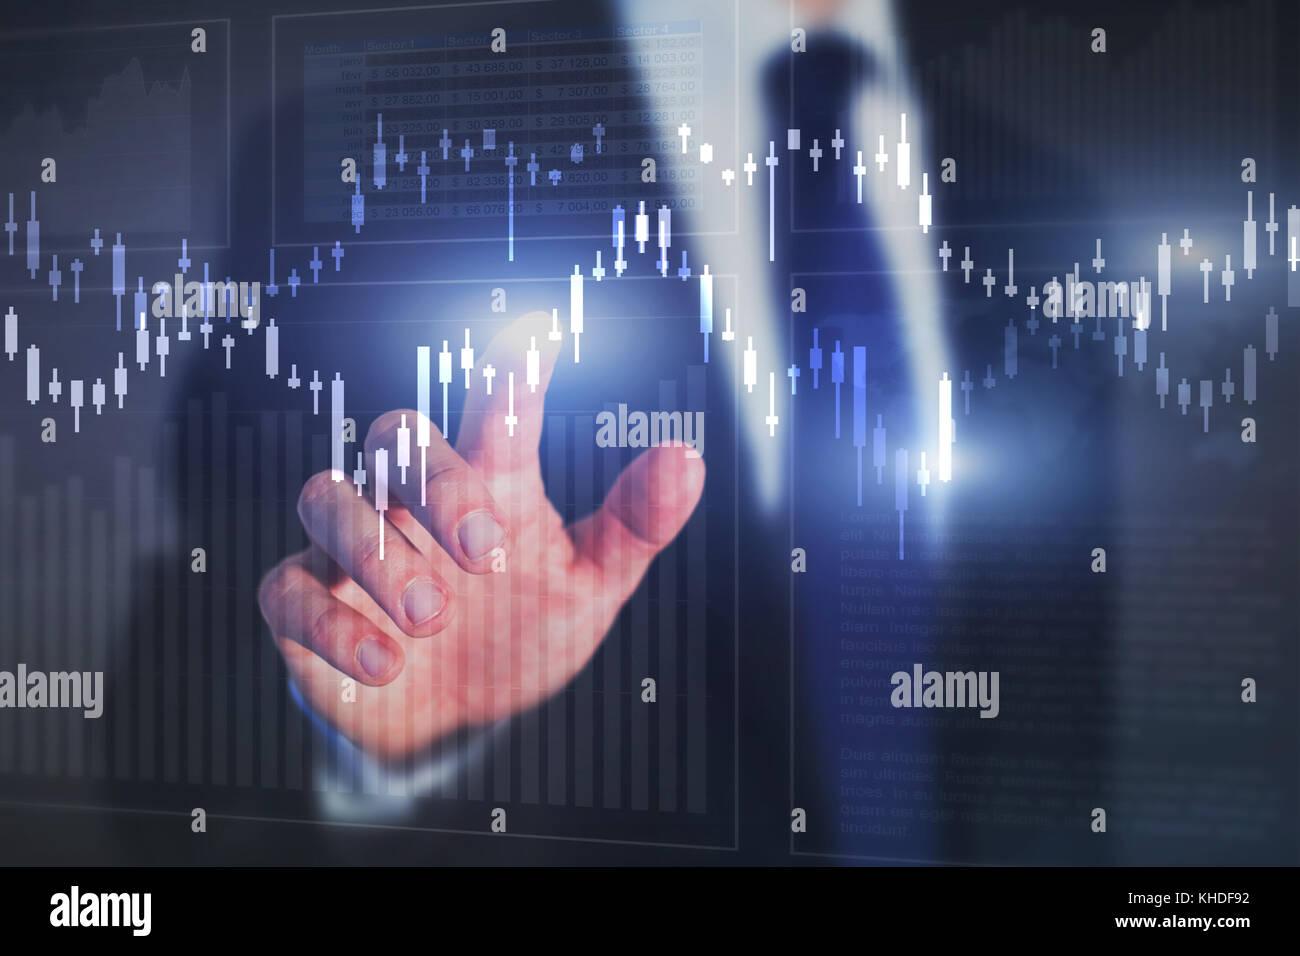 Die Grafiken und Tabellen Hintergrund, Börse, Investor Analyse digitaler Daten Stockbild